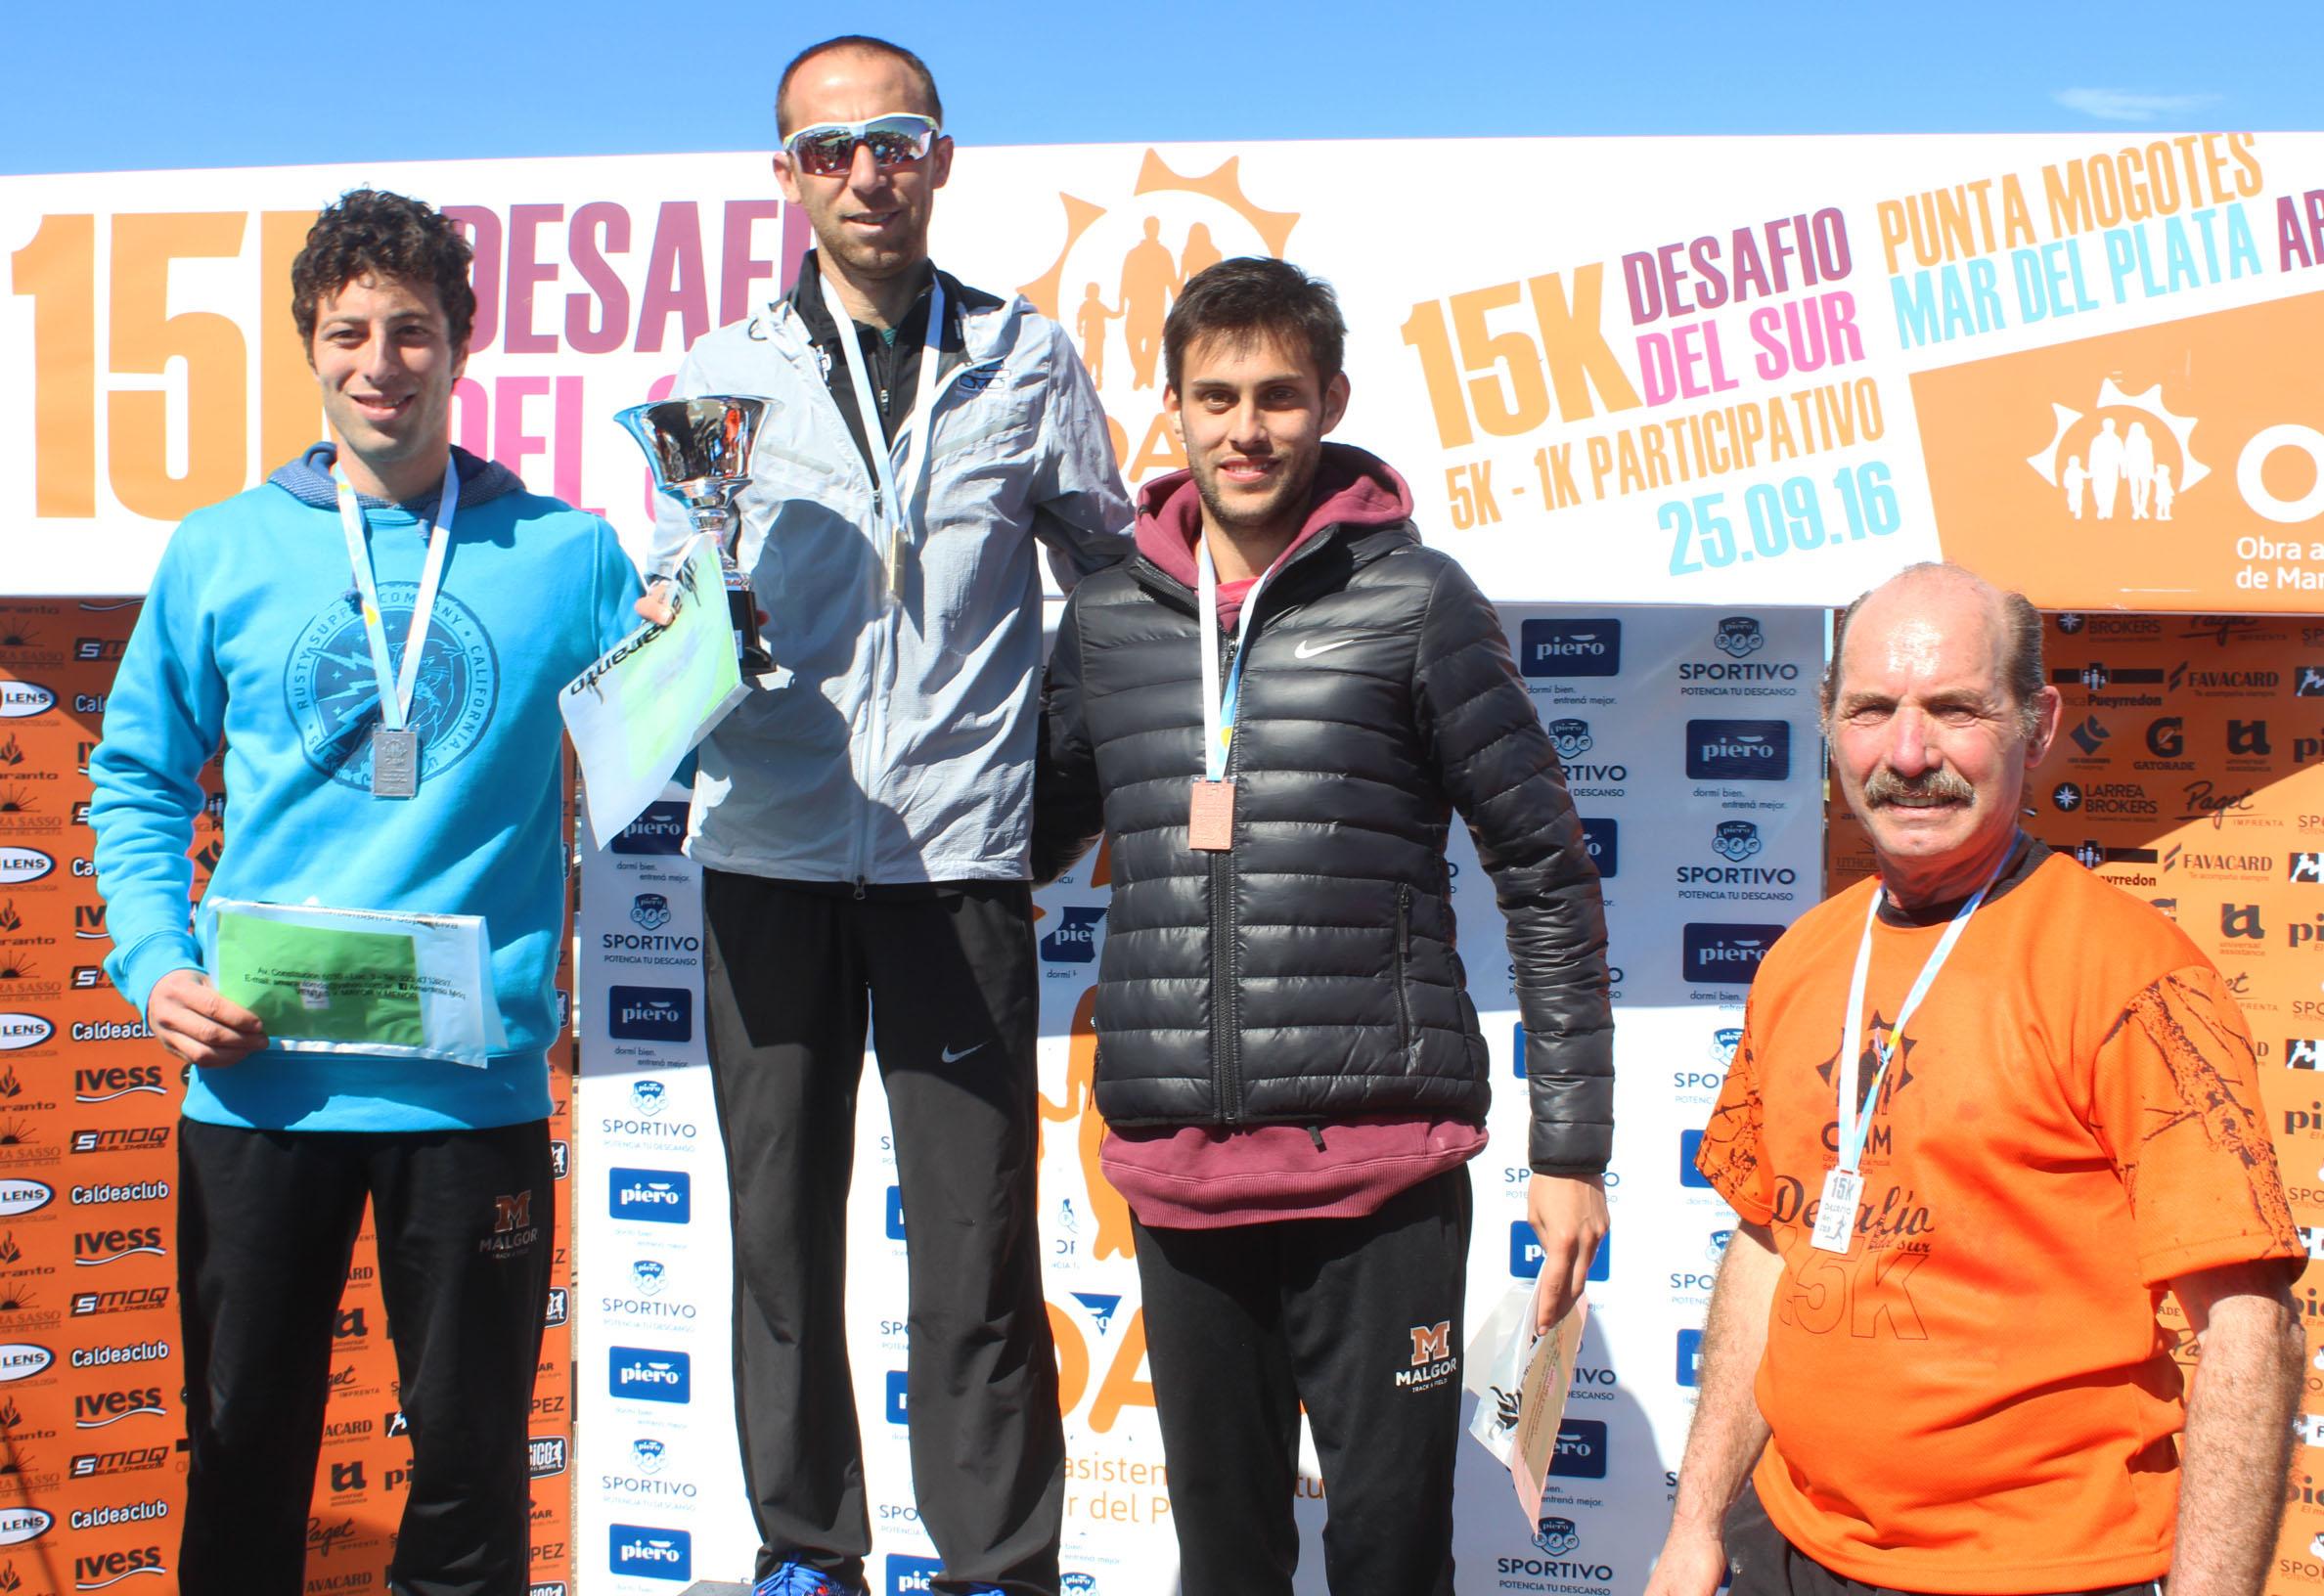 Mariano Mastromarino volvió a competir luego de Río lo y hizo con un triunfo.